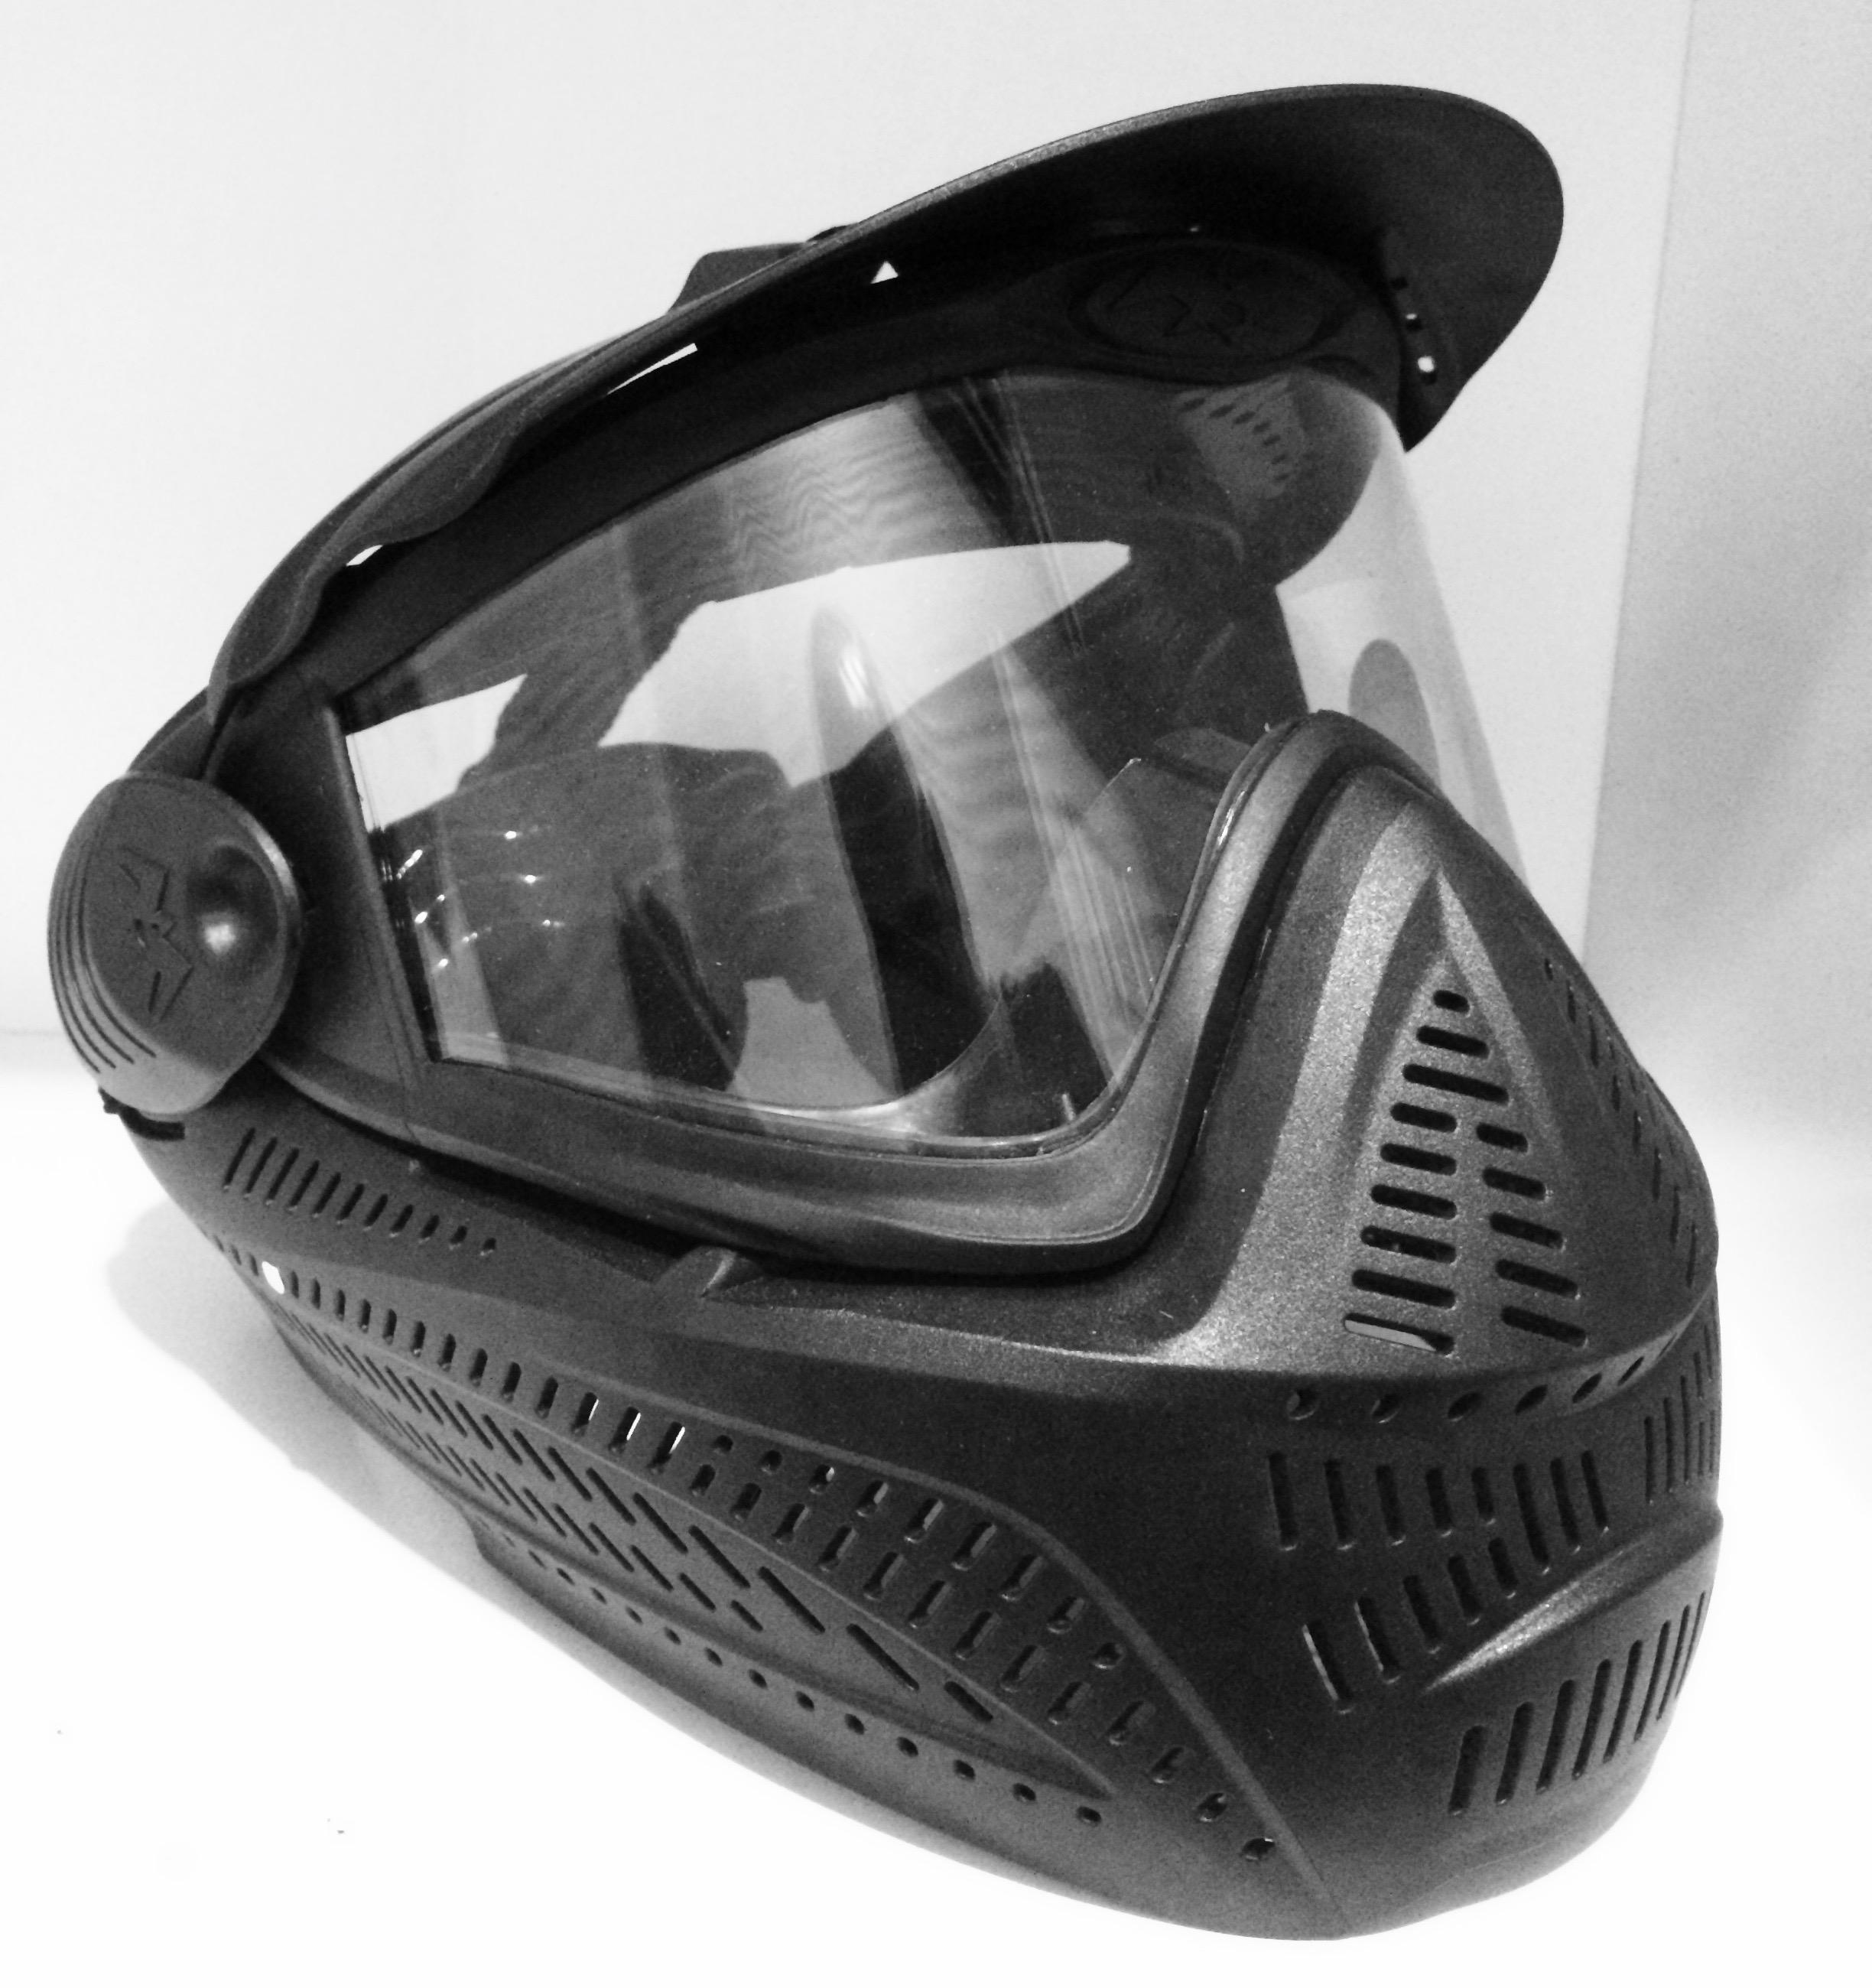 Anti-Fog Paintball Face Mask